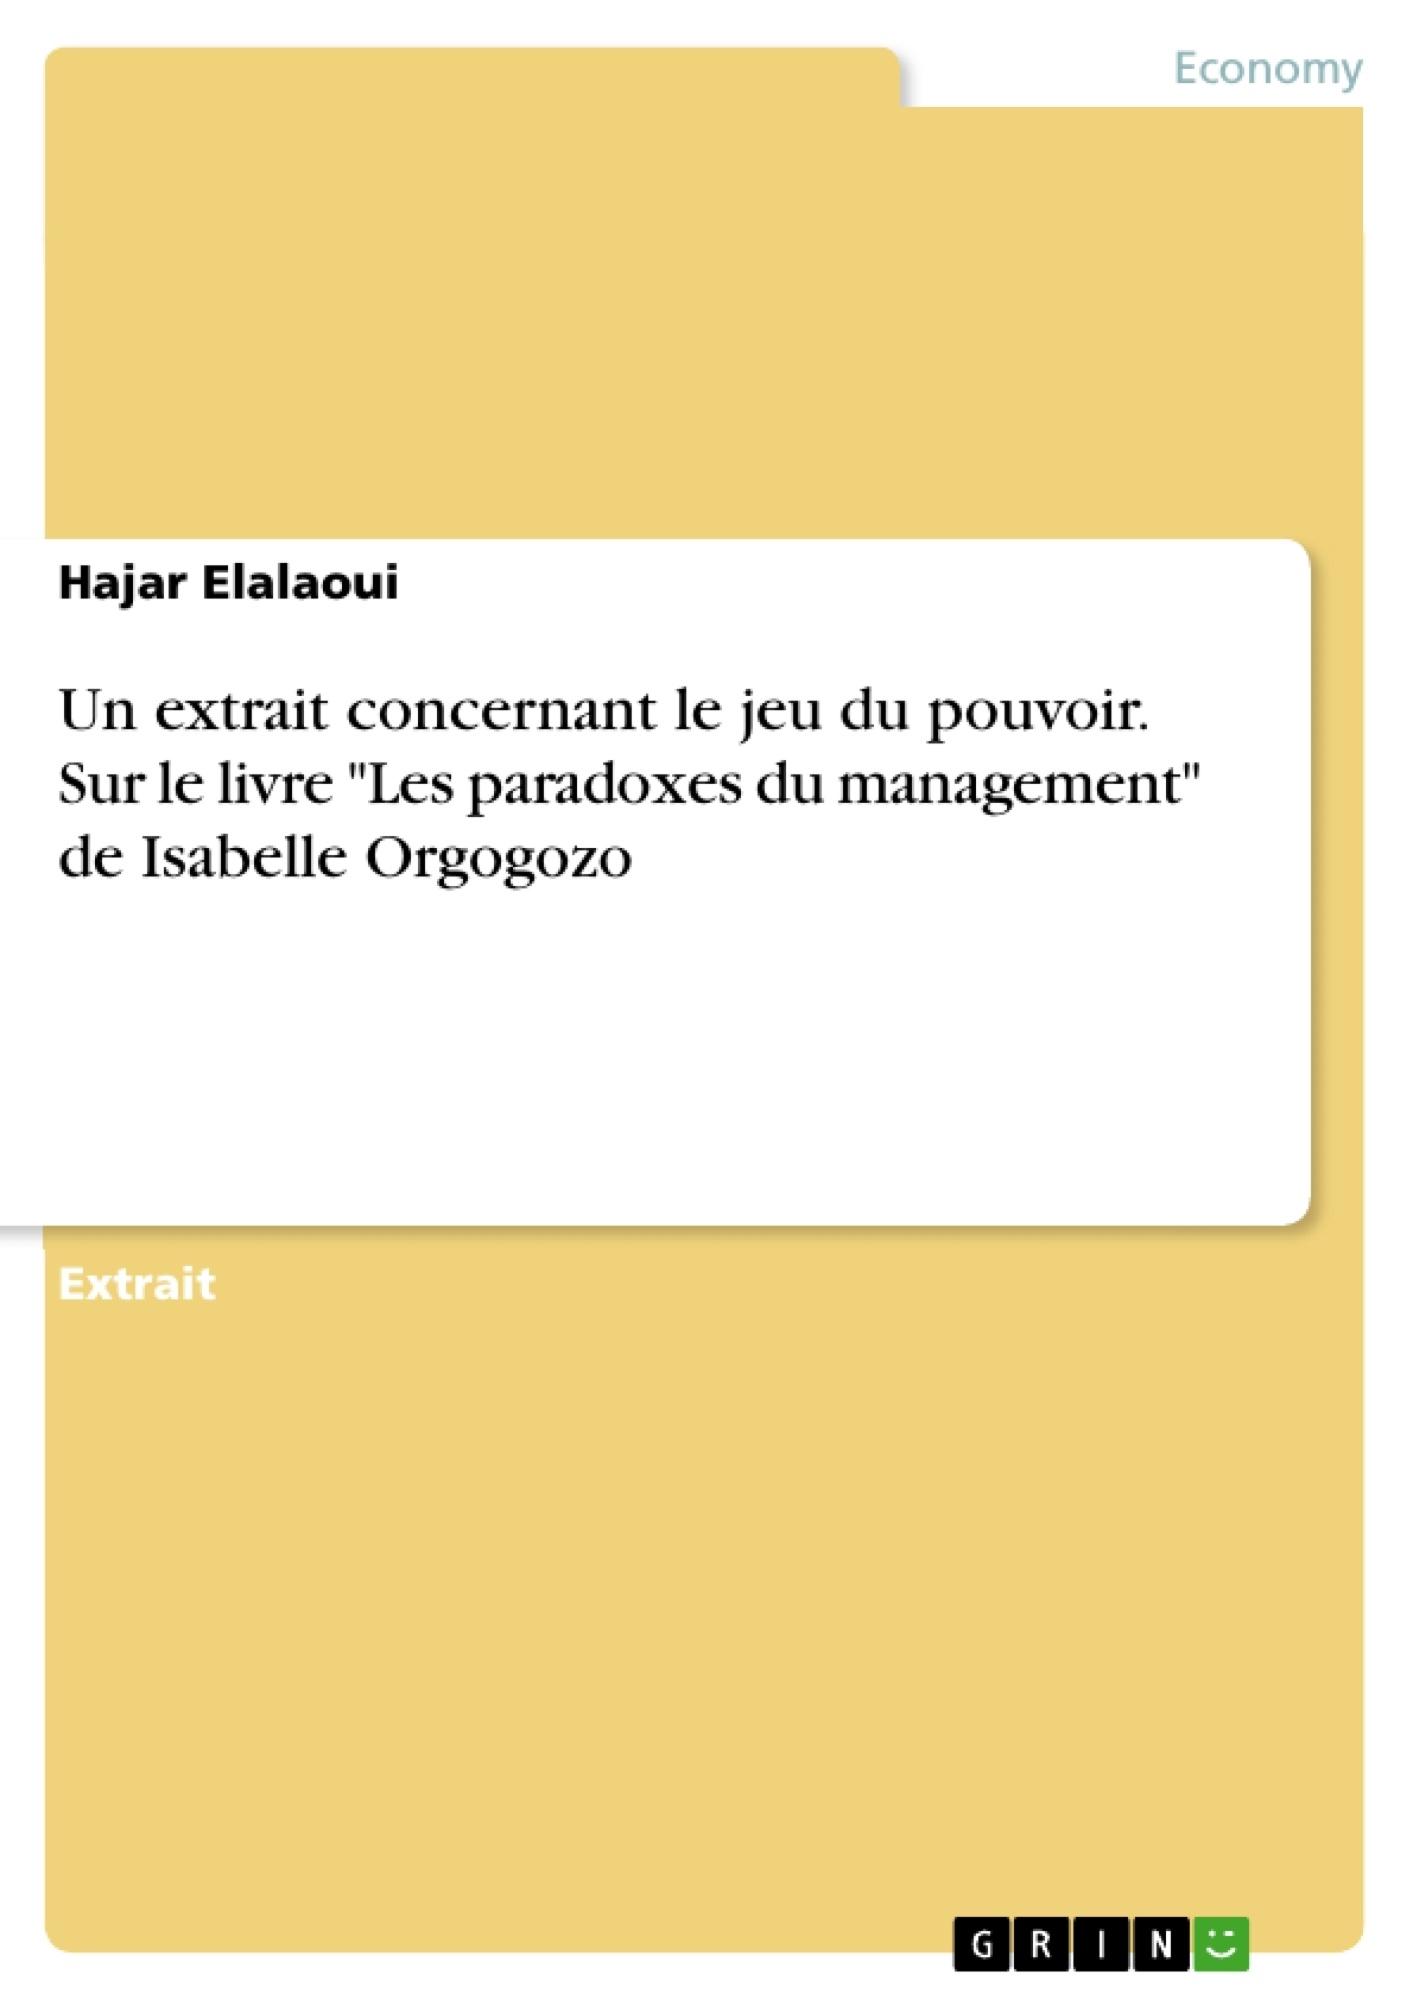 """Titre: Un extrait concernant le jeu du pouvoir. Sur le livre """"Les paradoxes du management"""" de Isabelle Orgogozo"""